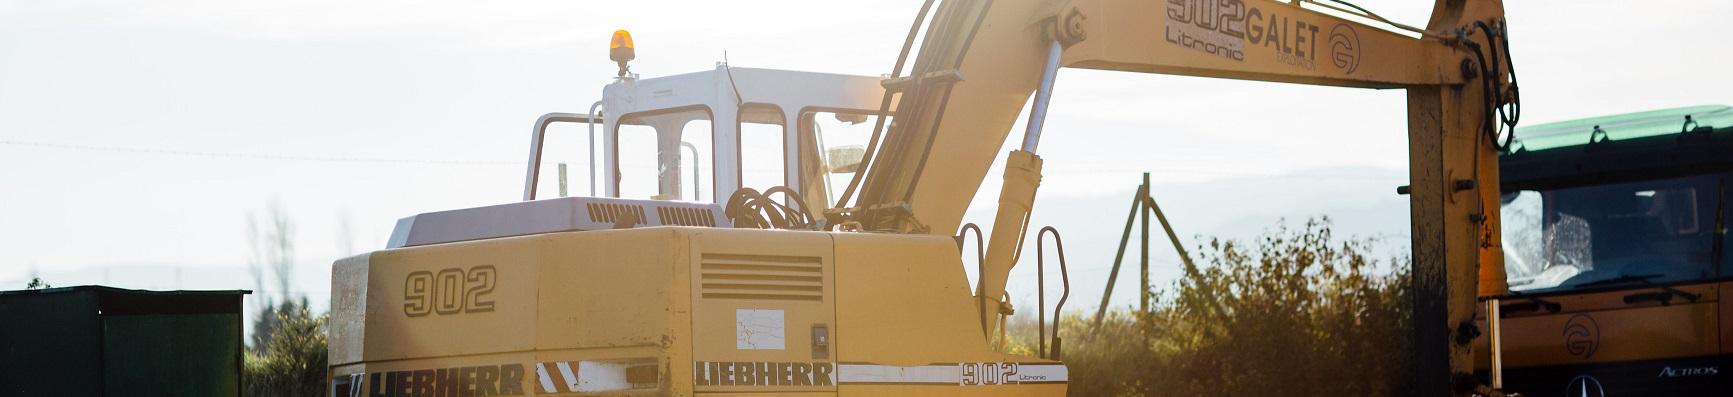 Pelle sur pneus Liebherr 902 Litronic, utilisé pour les chantiers de terrassement et  les démolitions.